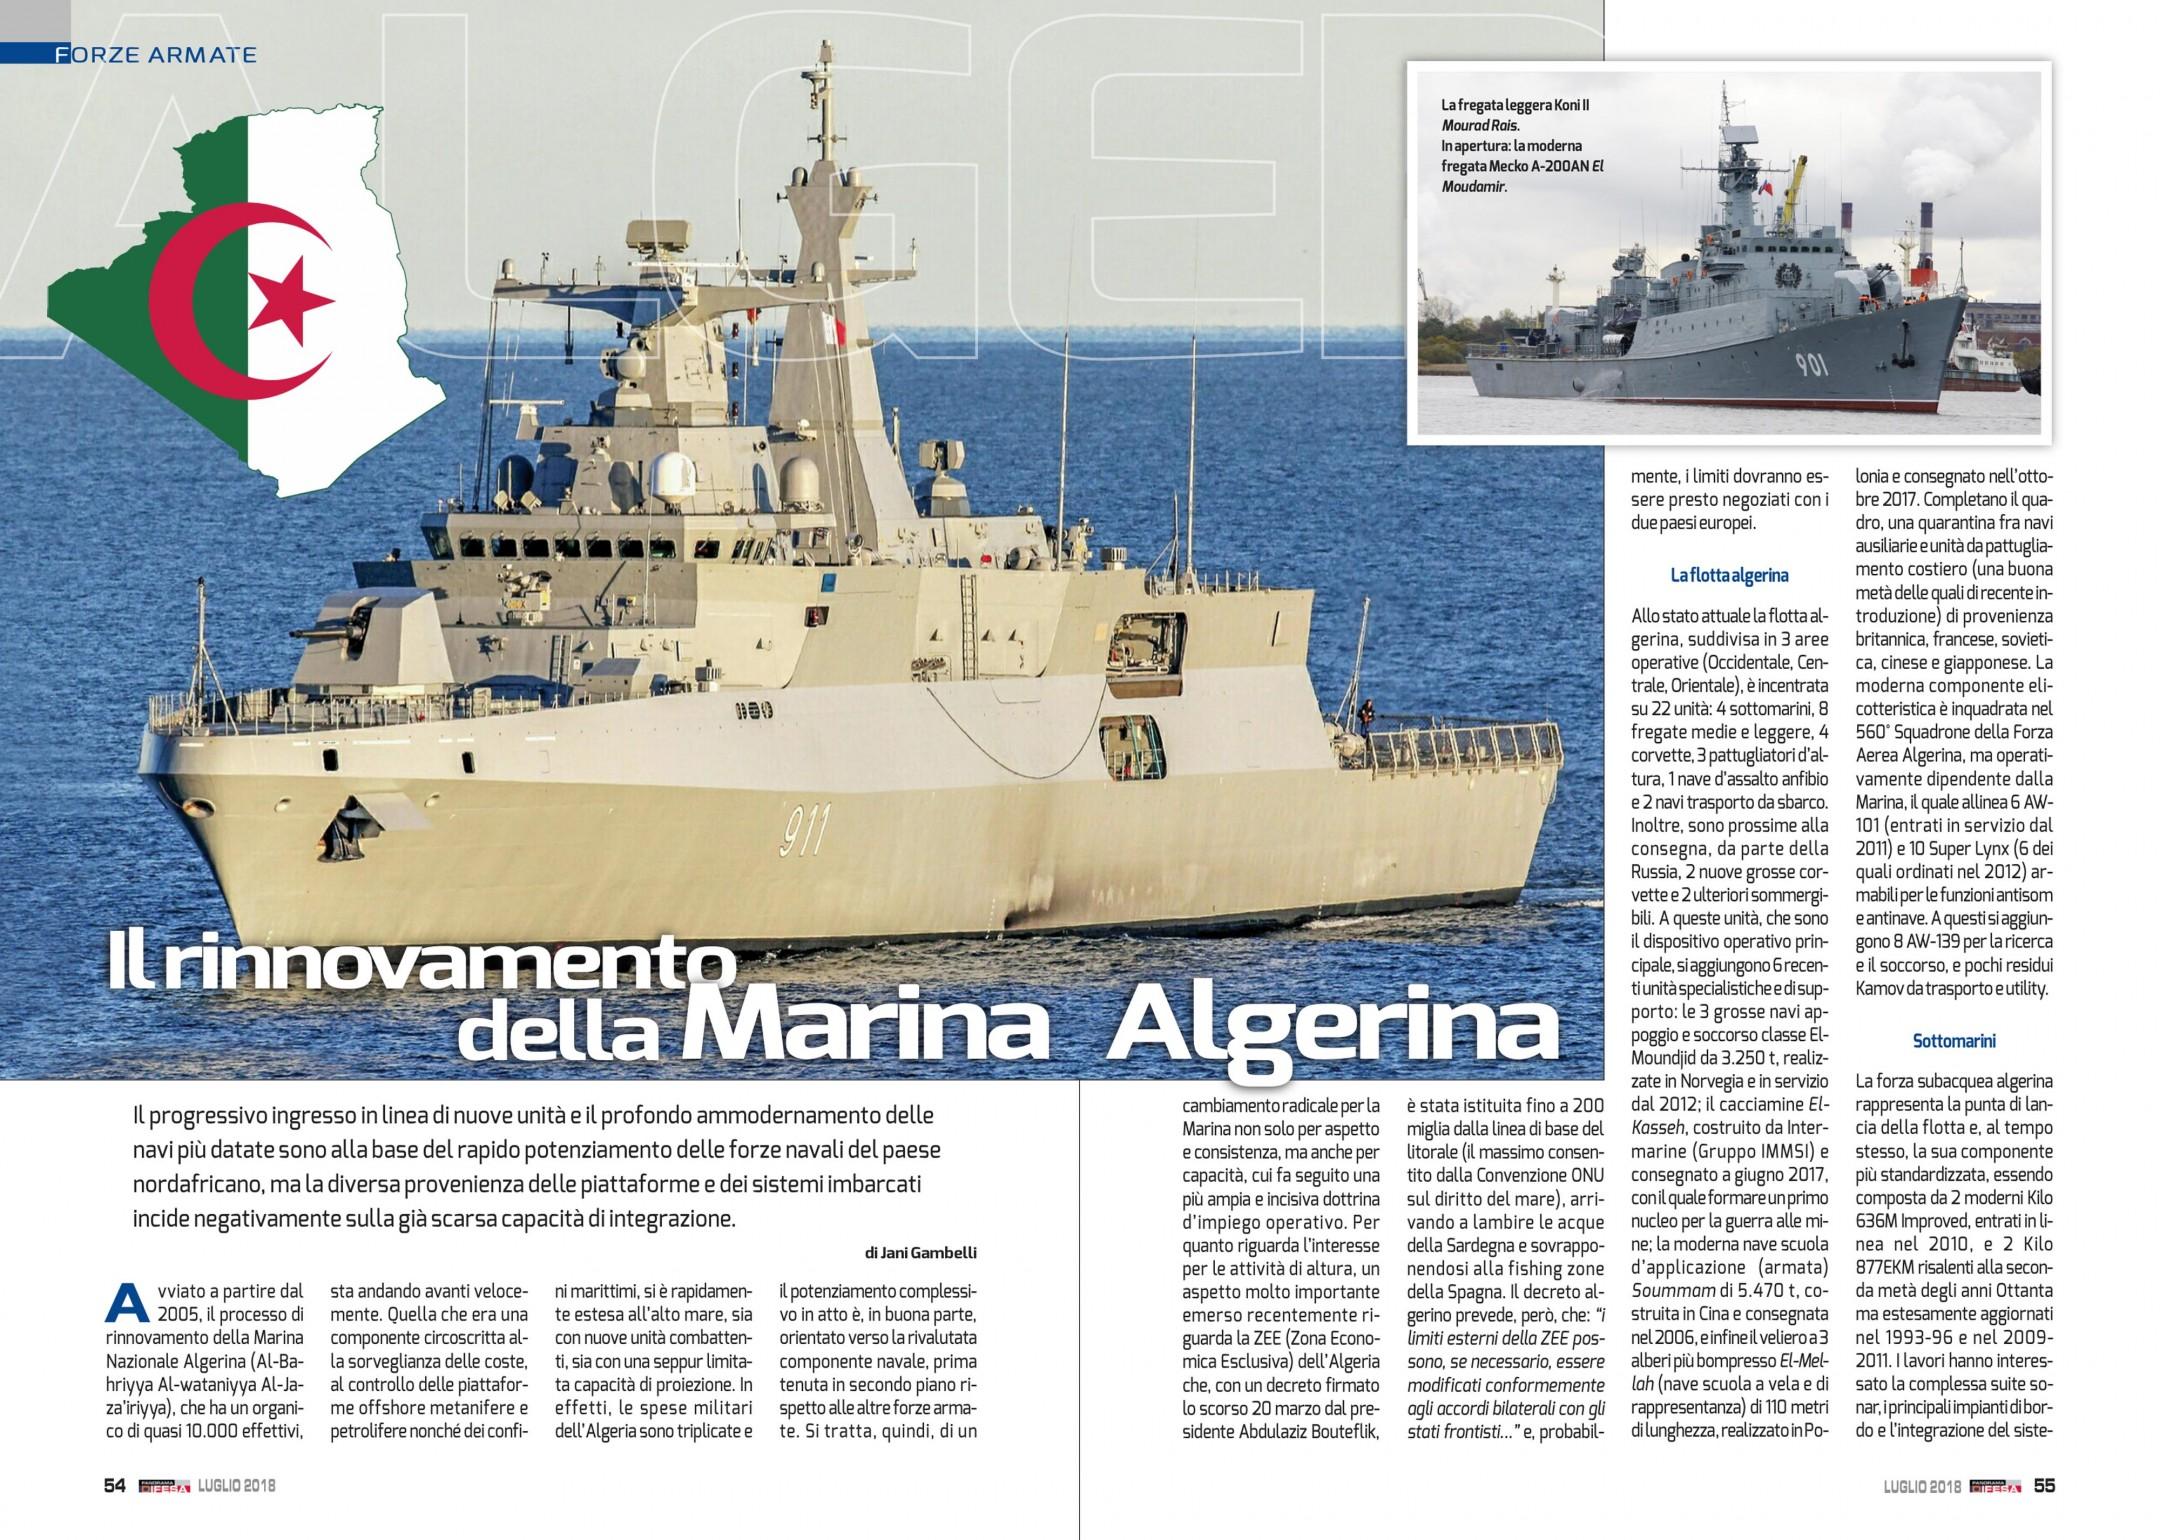 صور الفرقاطات الجديدة  Meko A200 الجزائرية ( 910 ,  ... ) - صفحة 34 43021052432_afb4b339e6_o